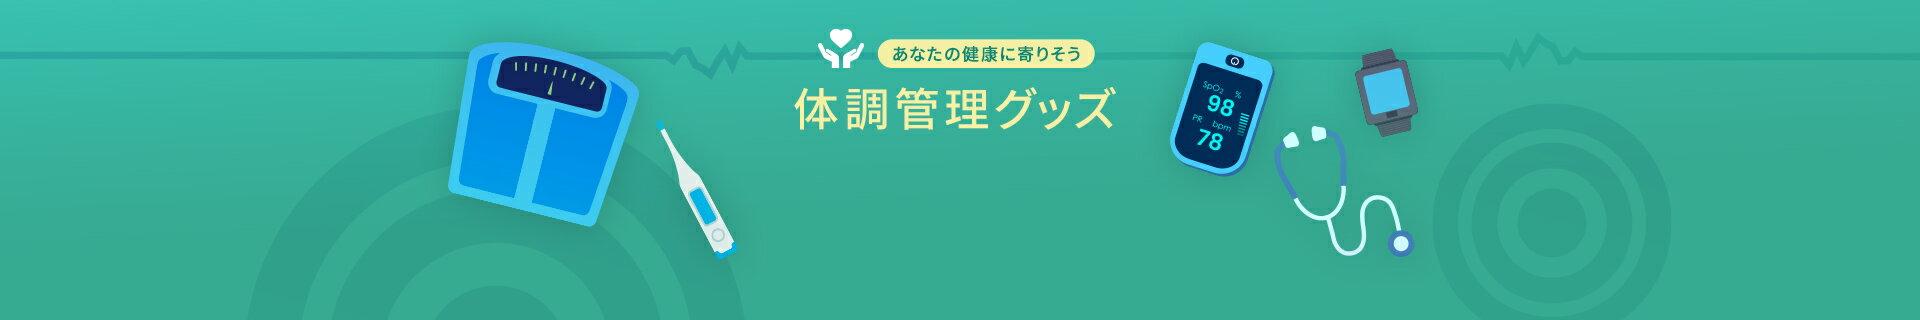 【楽天市場】体調管理グッズ|あなたの健康に寄りそう